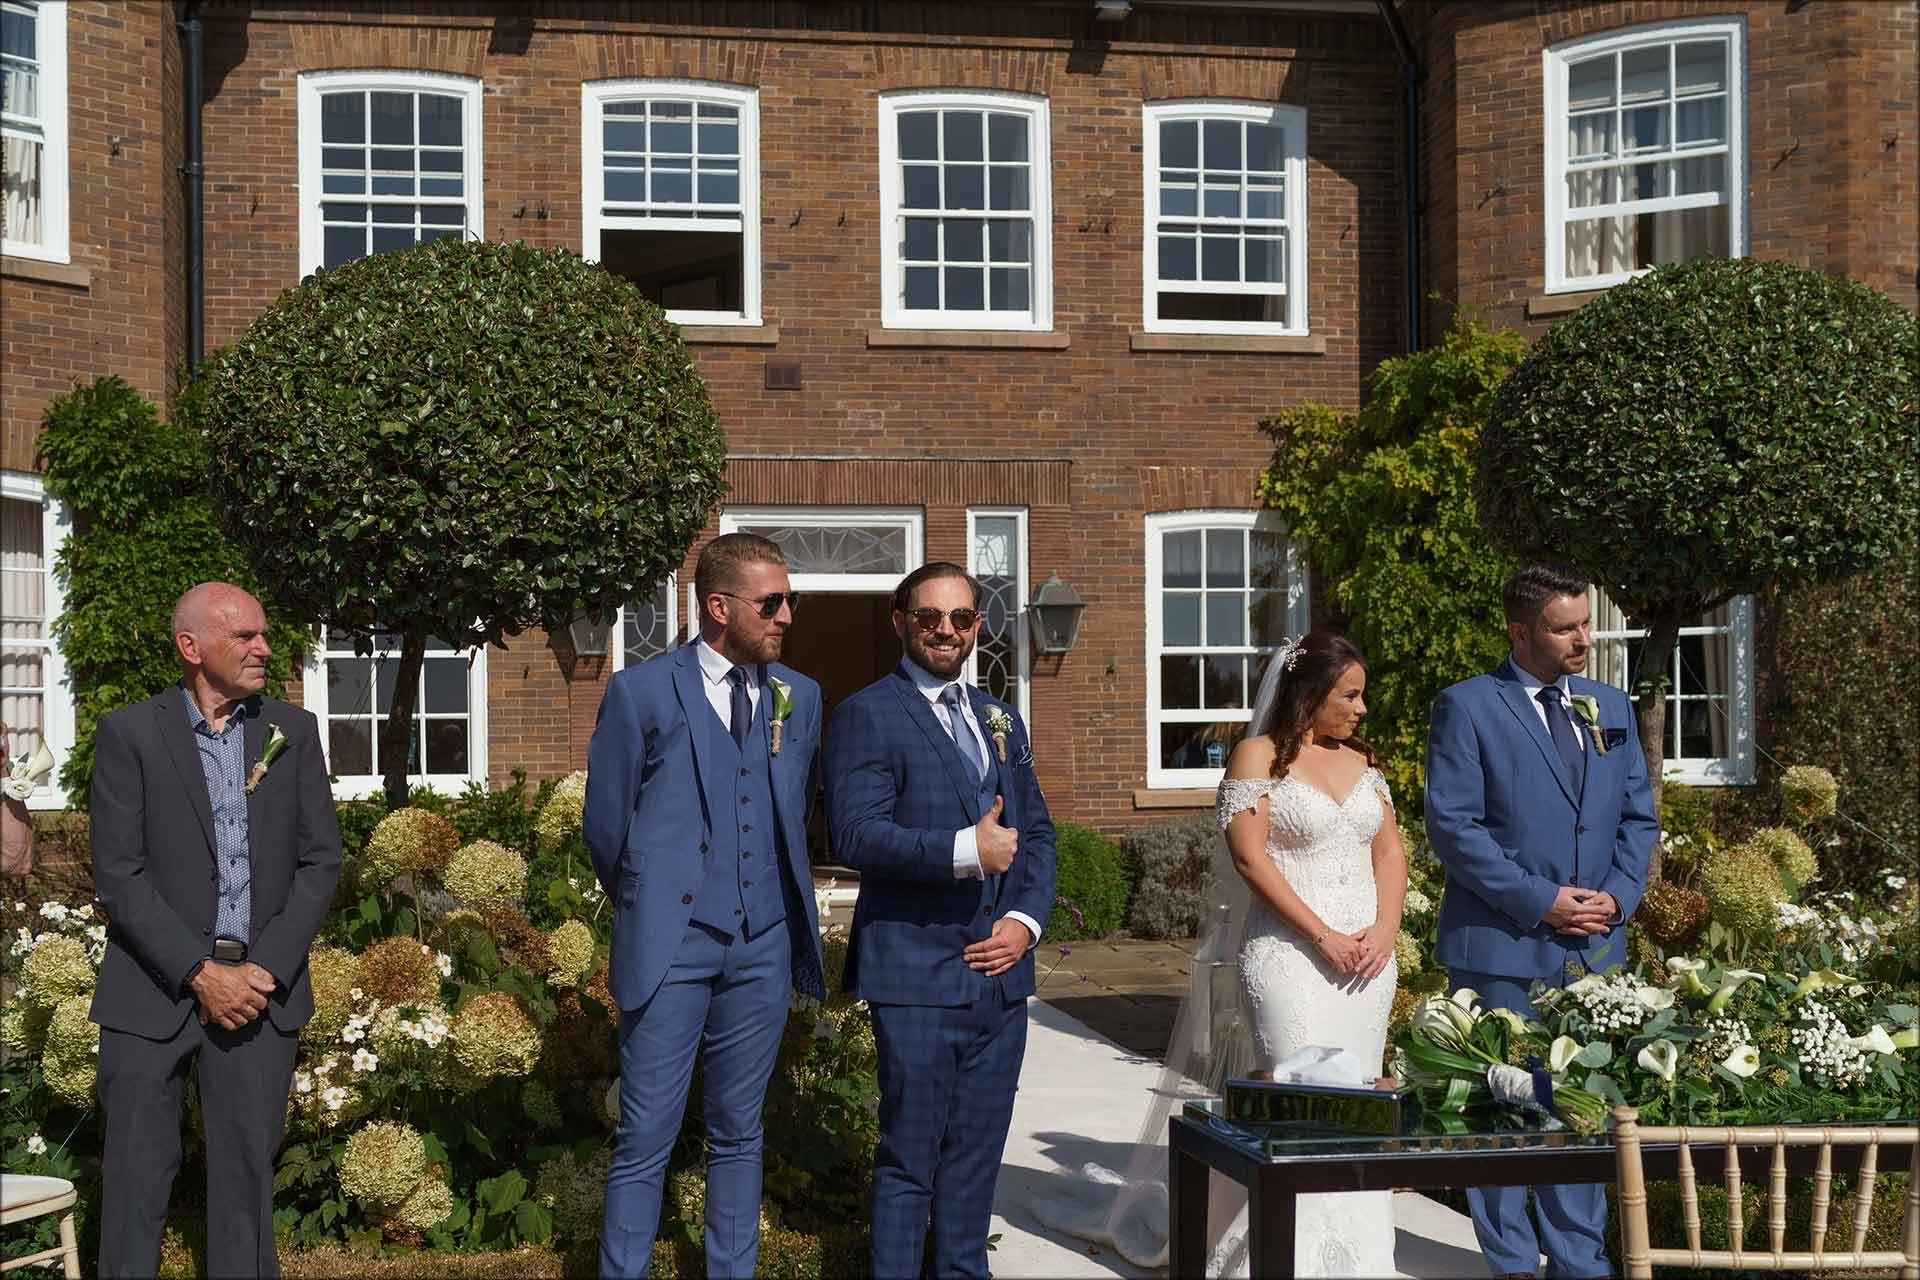 outdoor Delamere Manor wedding ceremony